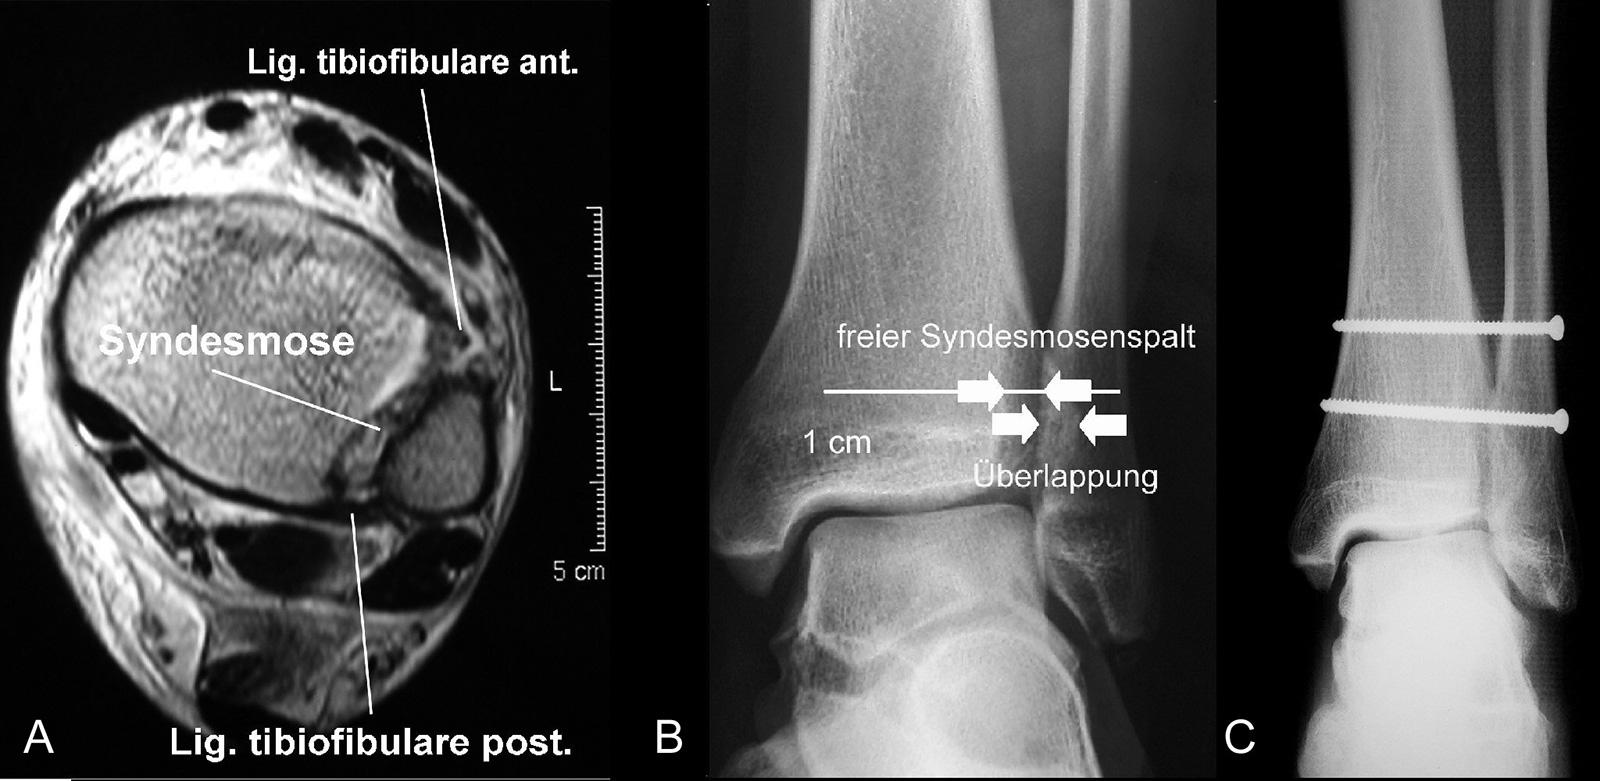 Abb. 3-56: MRT nach Maisonneuve Fraktur: Lig. tibiofibulare ant. und Syndesmose rupturiert, das Lig. tibiofibulare post. ist intakt (A). Beurteilung der Syndesmose im nativen Röntgenbild (B). Röntgenbild einer Syndesmosenstellschraube (C)